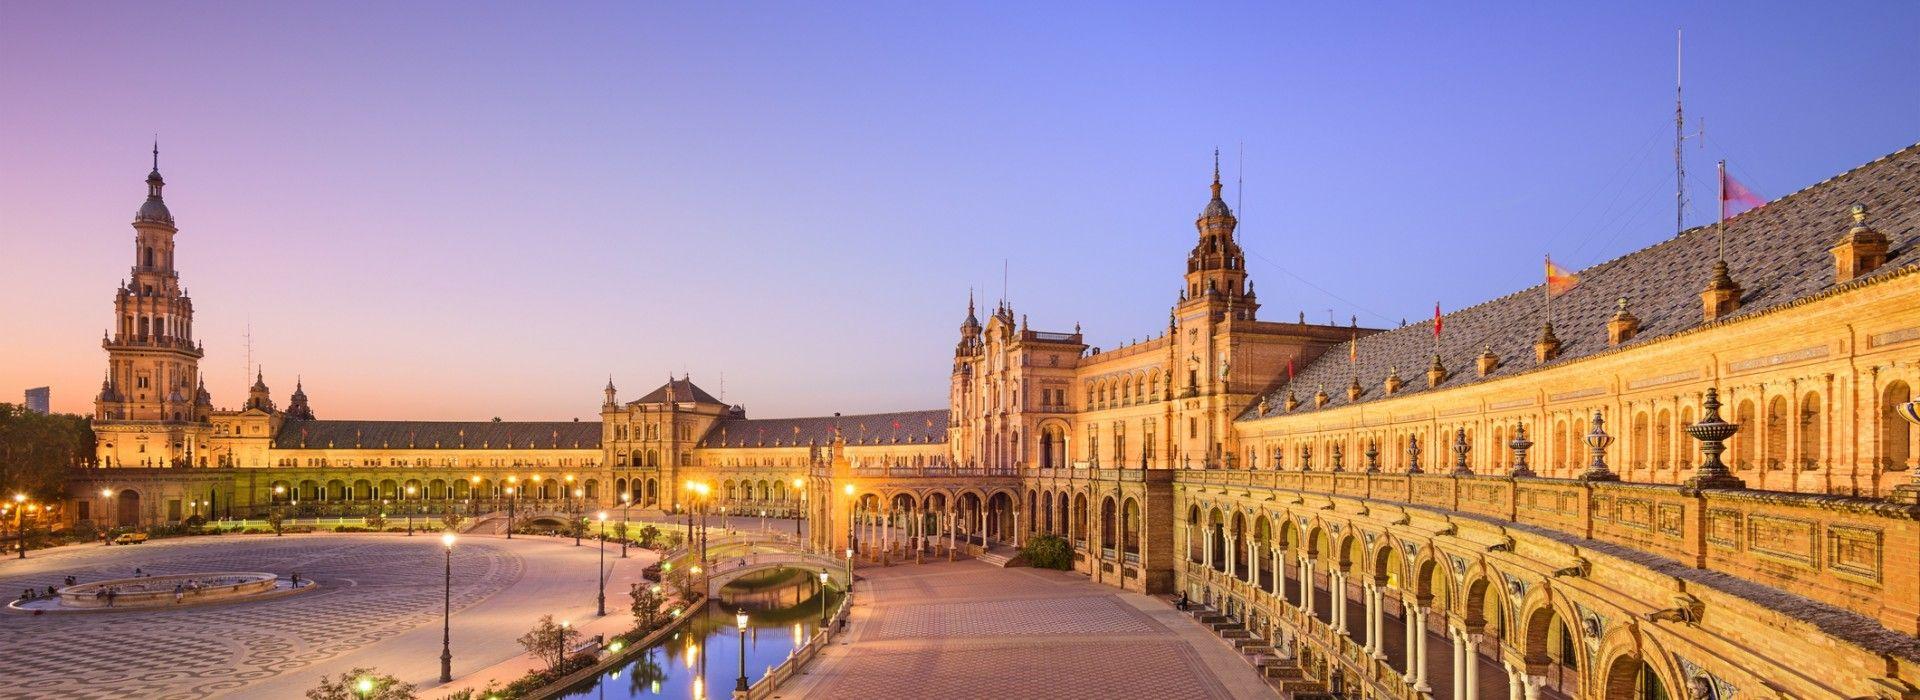 Walking tours in Burgos